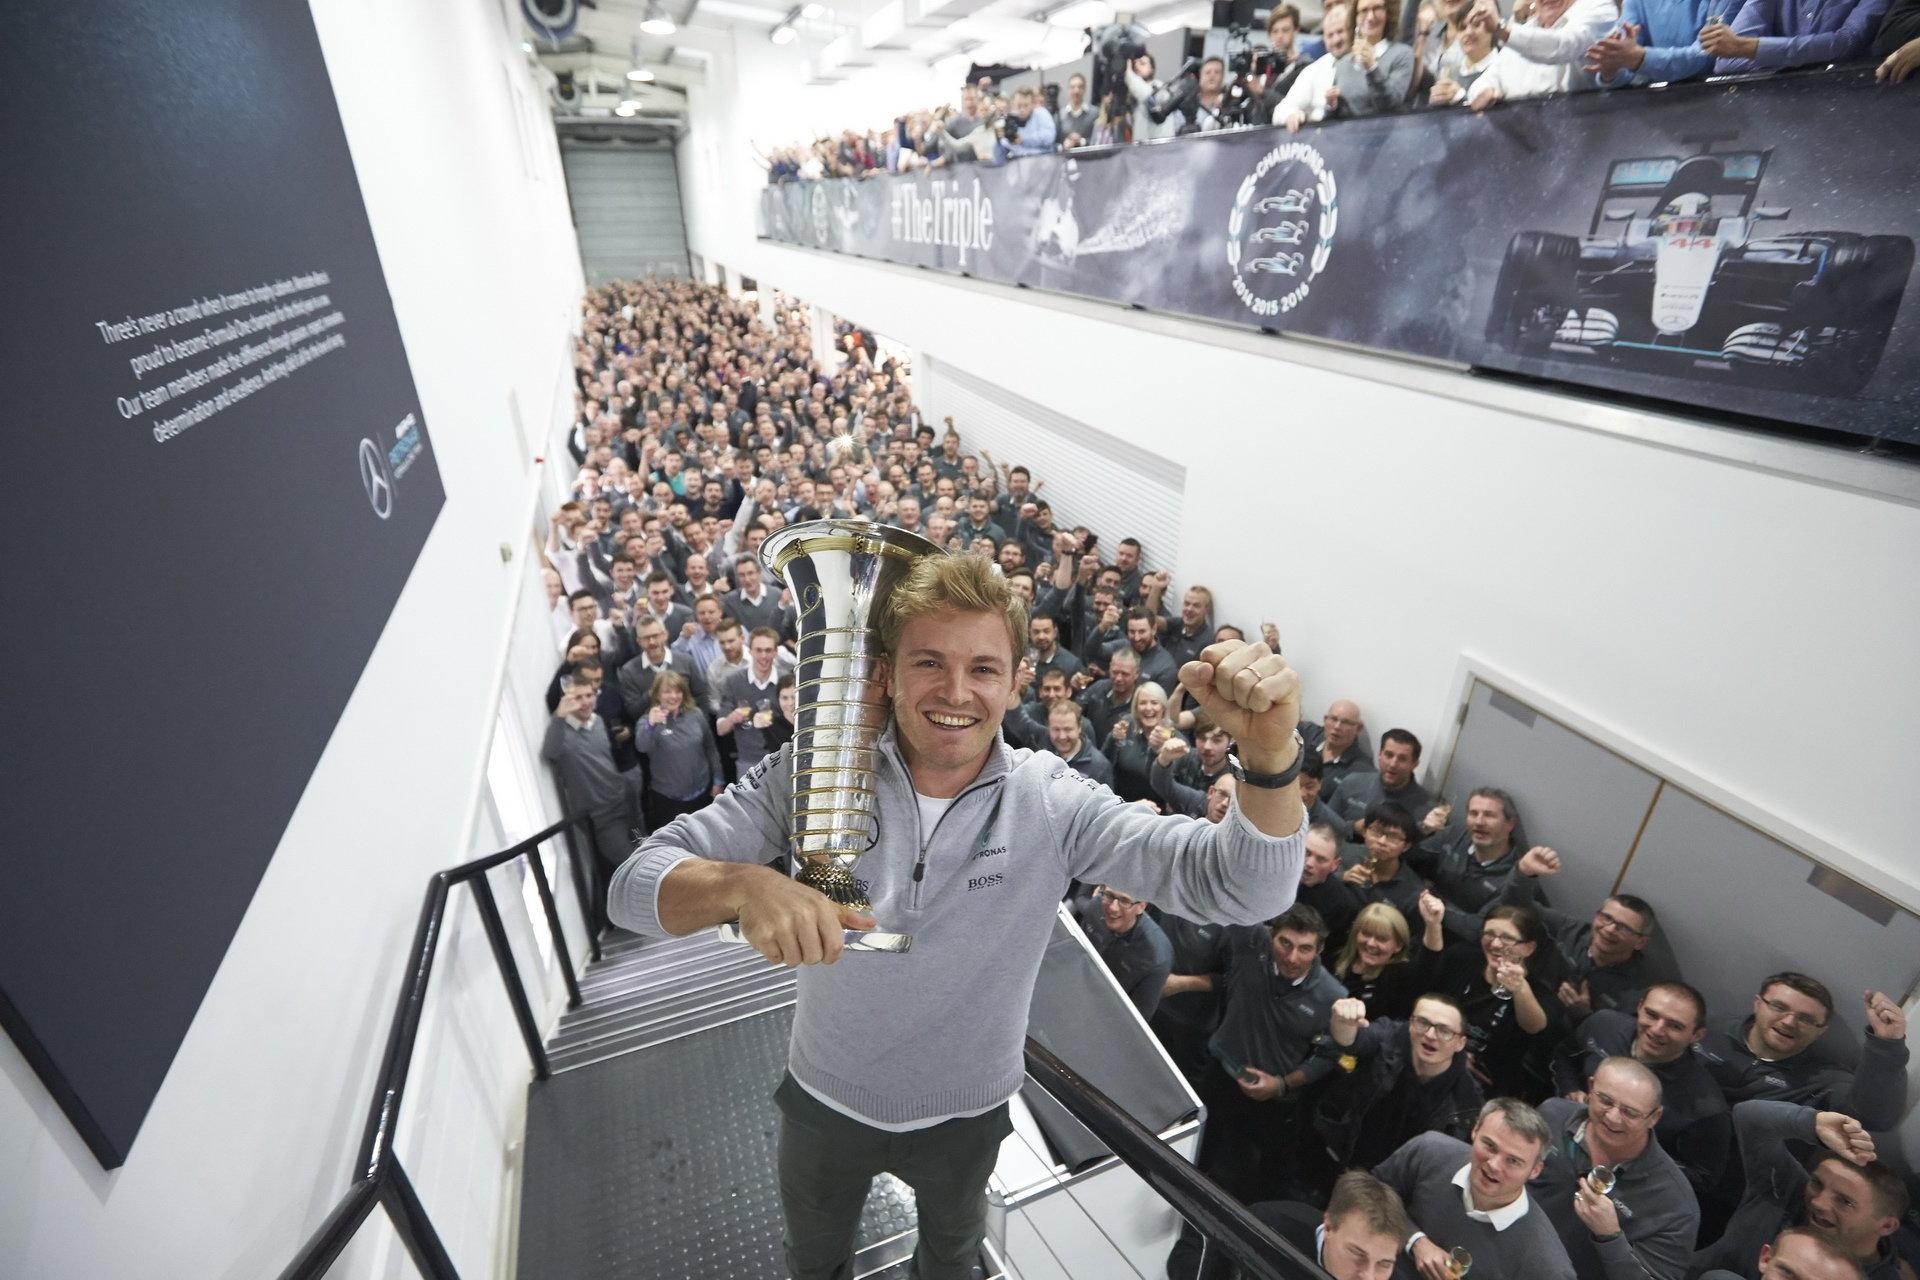 Šok: Rosberg po zisku titulu v F1 končí! - anotační foto